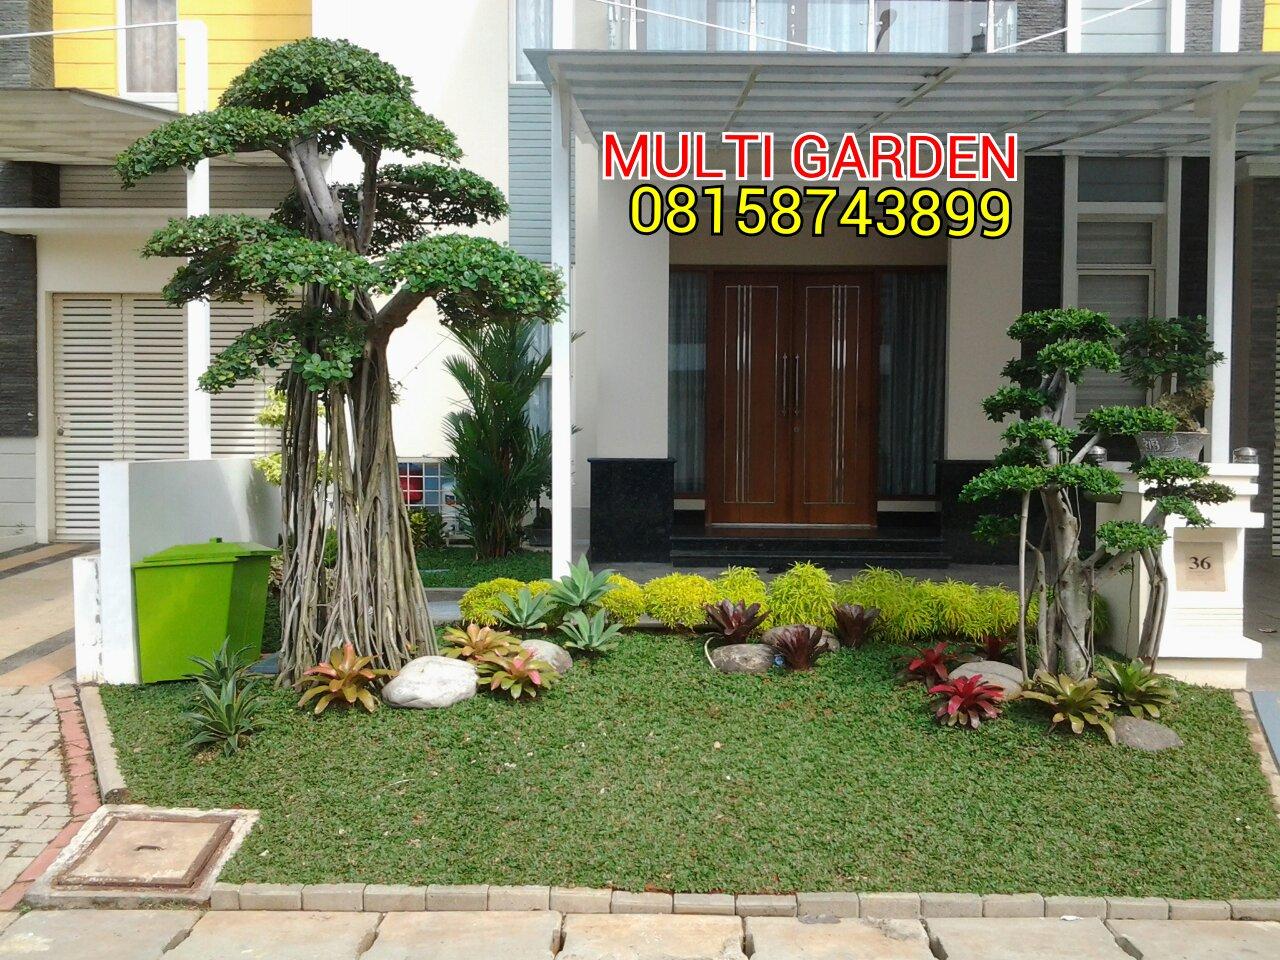 MULTI GARDEN Jasa Tukang Taman Jakarta Jakarta Barat Jakarta